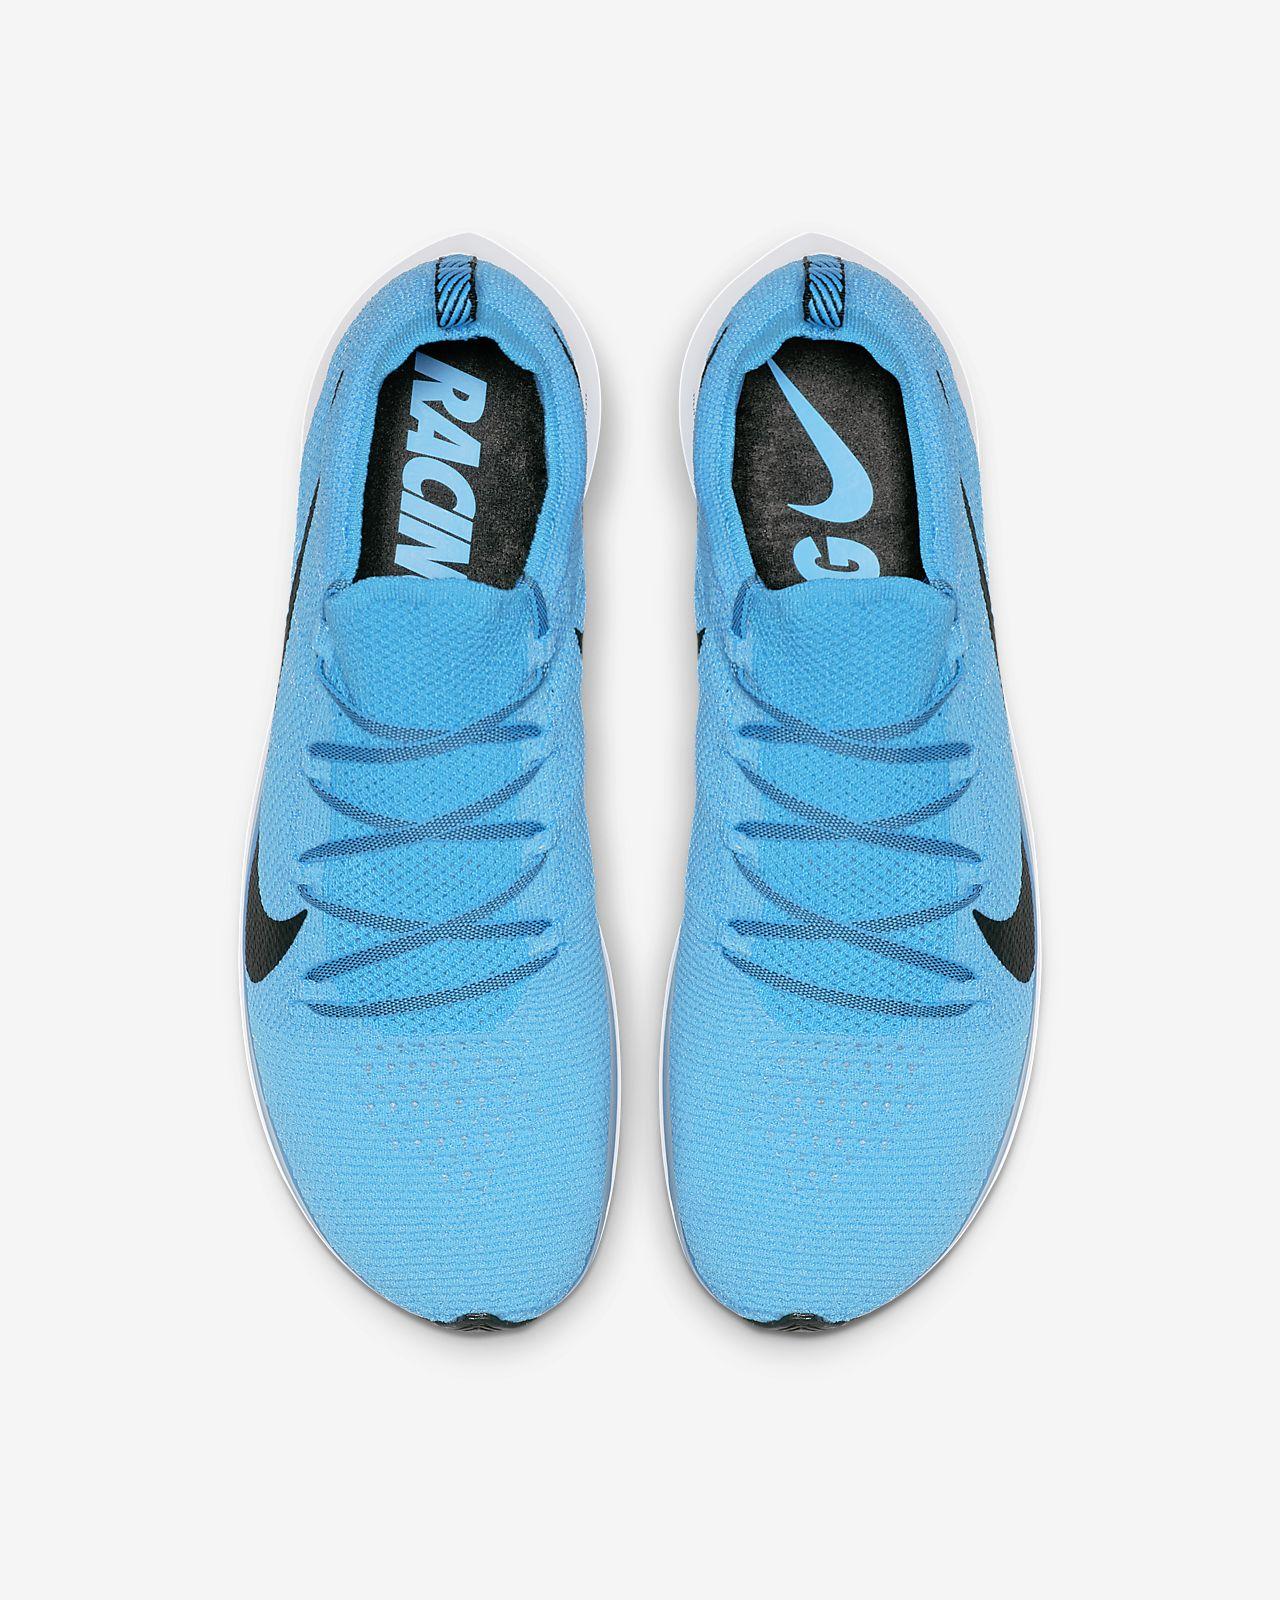 hot sale online 2bcd5 47060 ... Nike Zoom Fly Flyknit Herren-Laufschuh